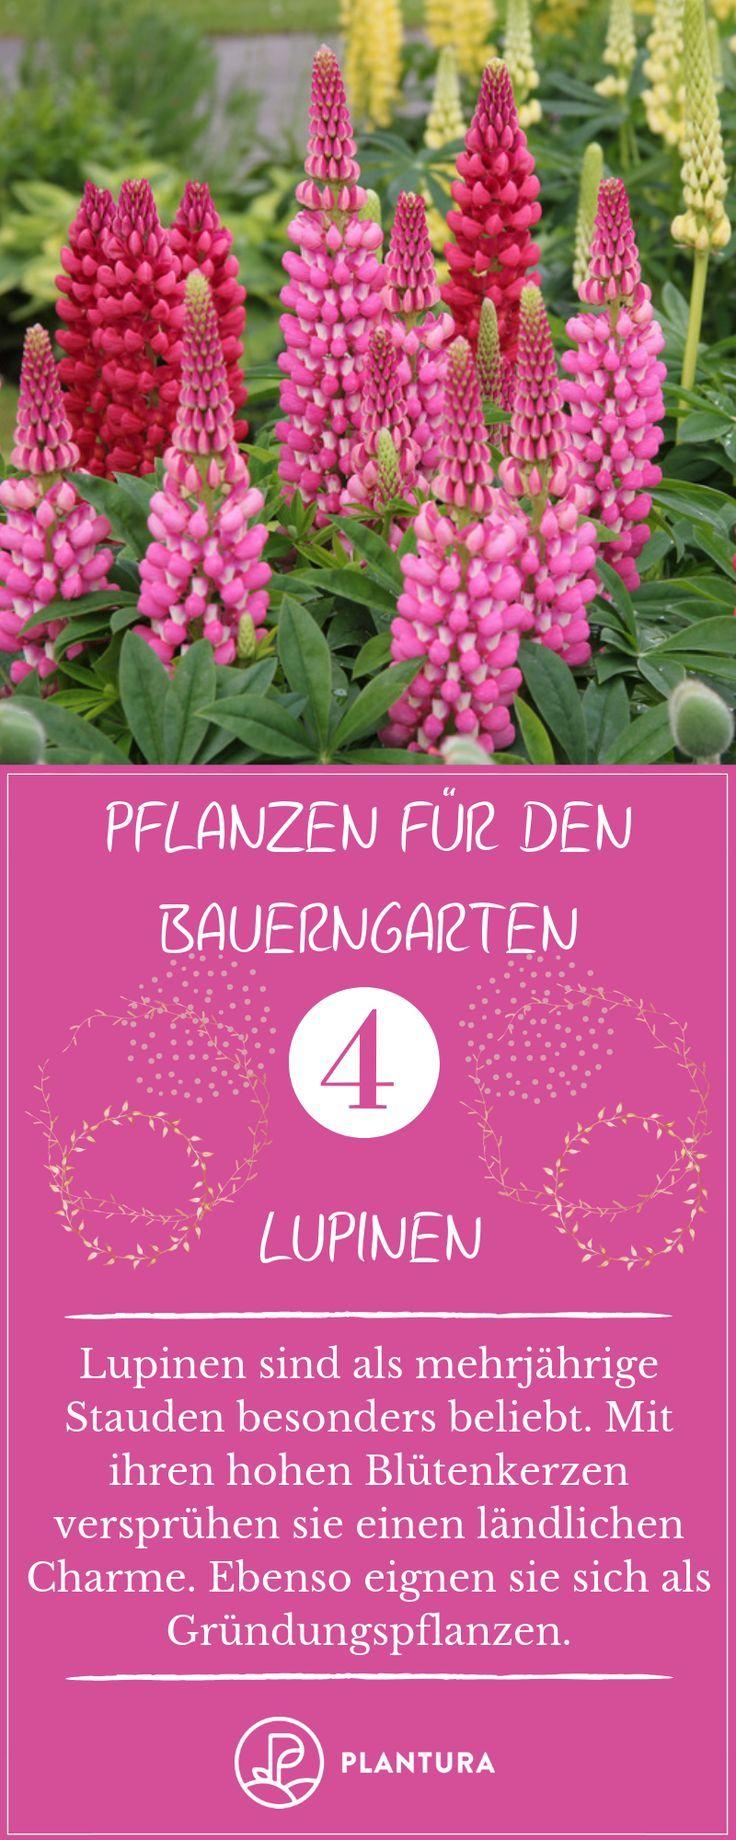 Bauerngarten: Die besten Pflanzen & Tipps zum Anlegen #beetanlegen